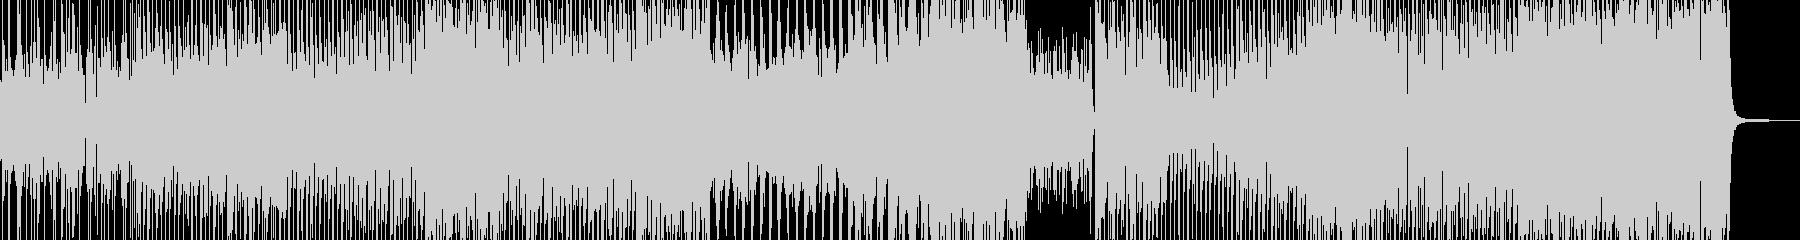 病みつきビート・怪しいテクノポップ Lの未再生の波形